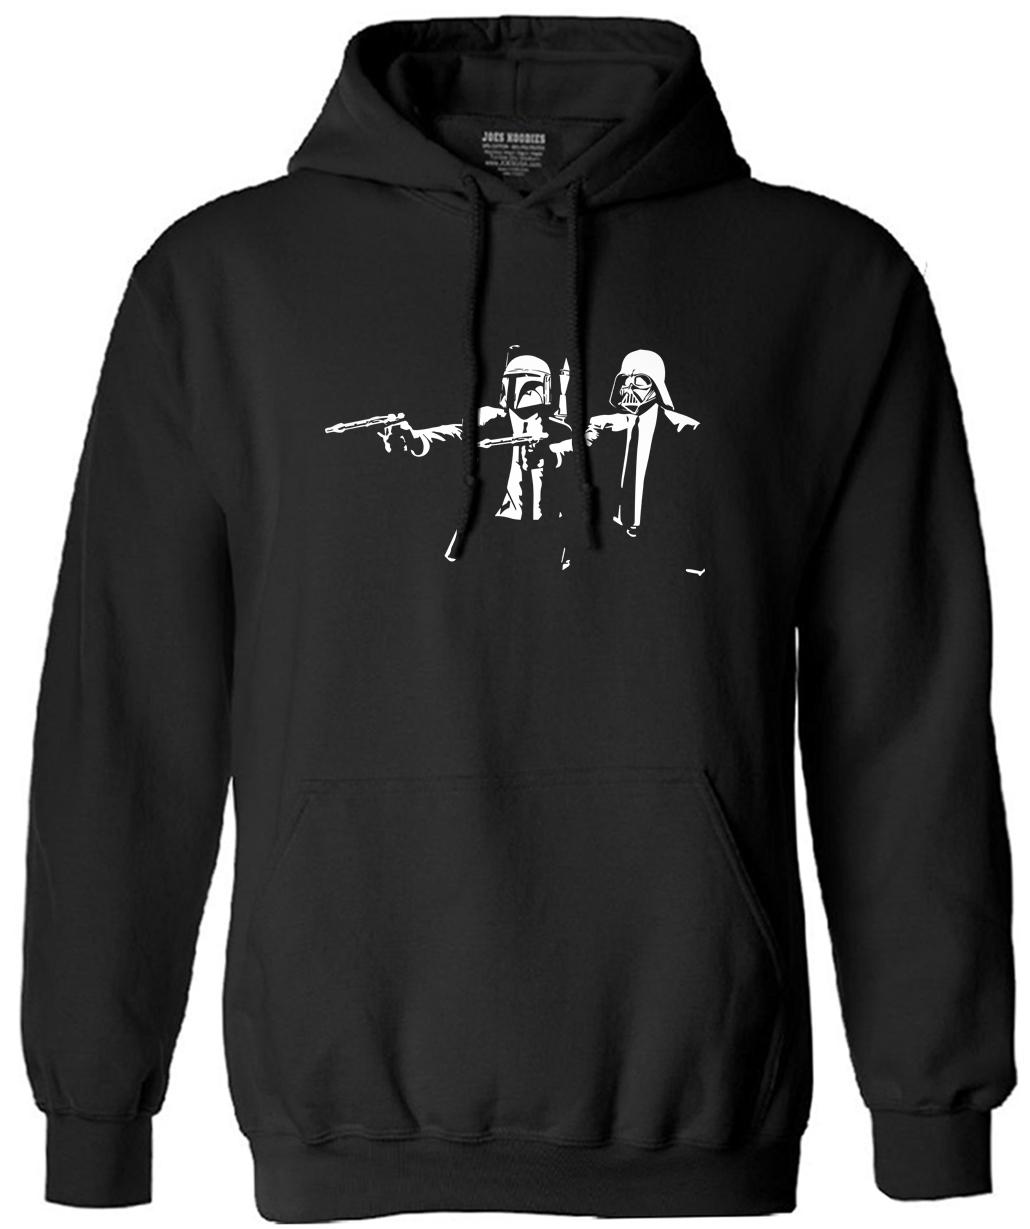 Starwars hoodies